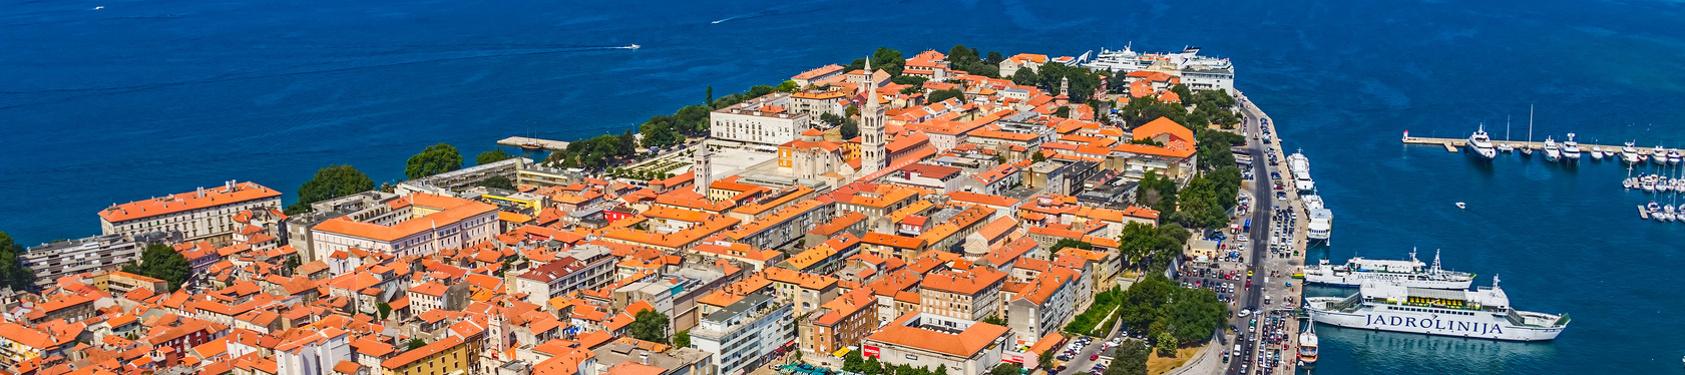 Bild von Zadar